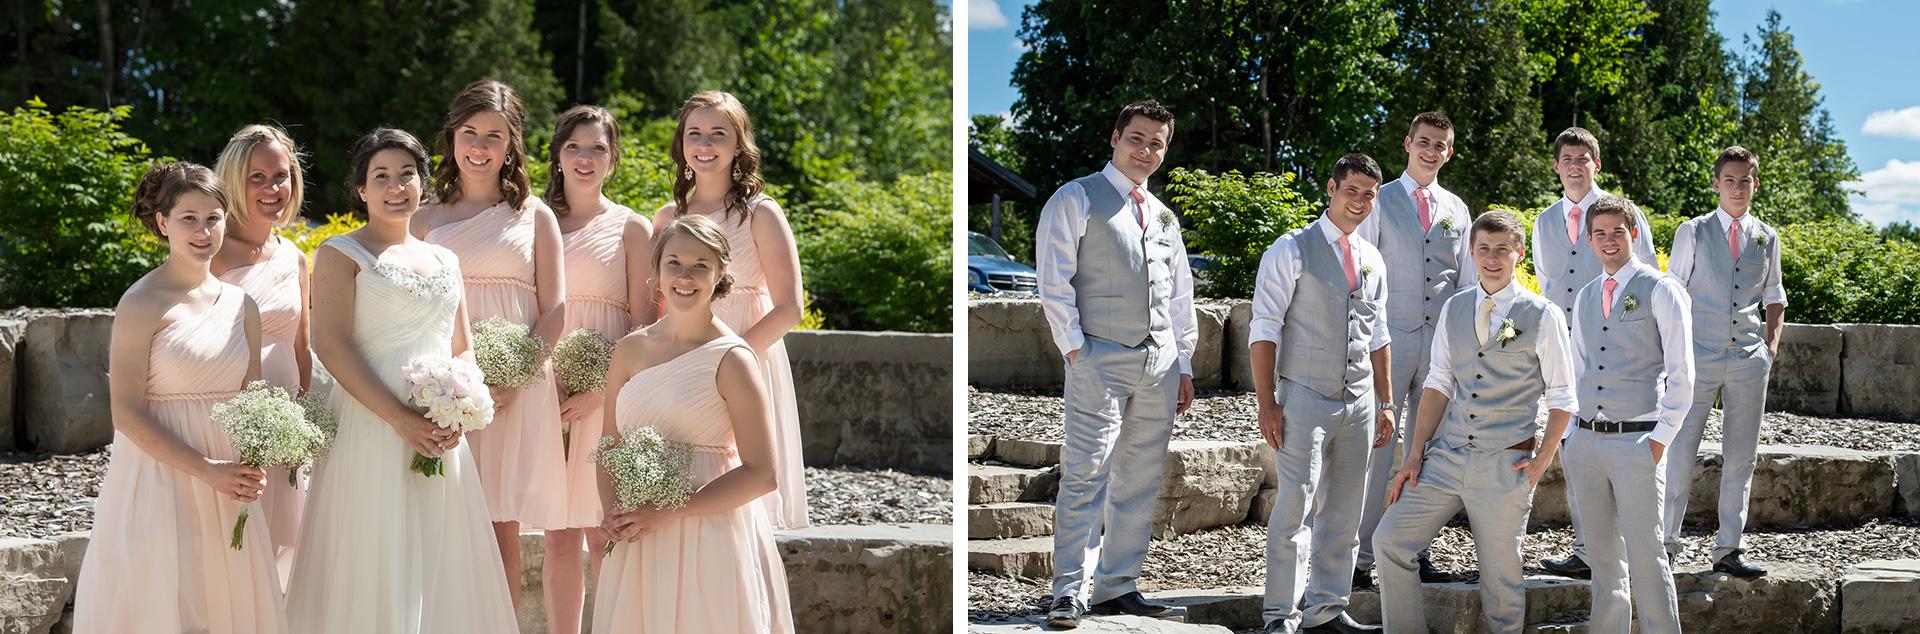 Markdale_Wedding_Photography_017